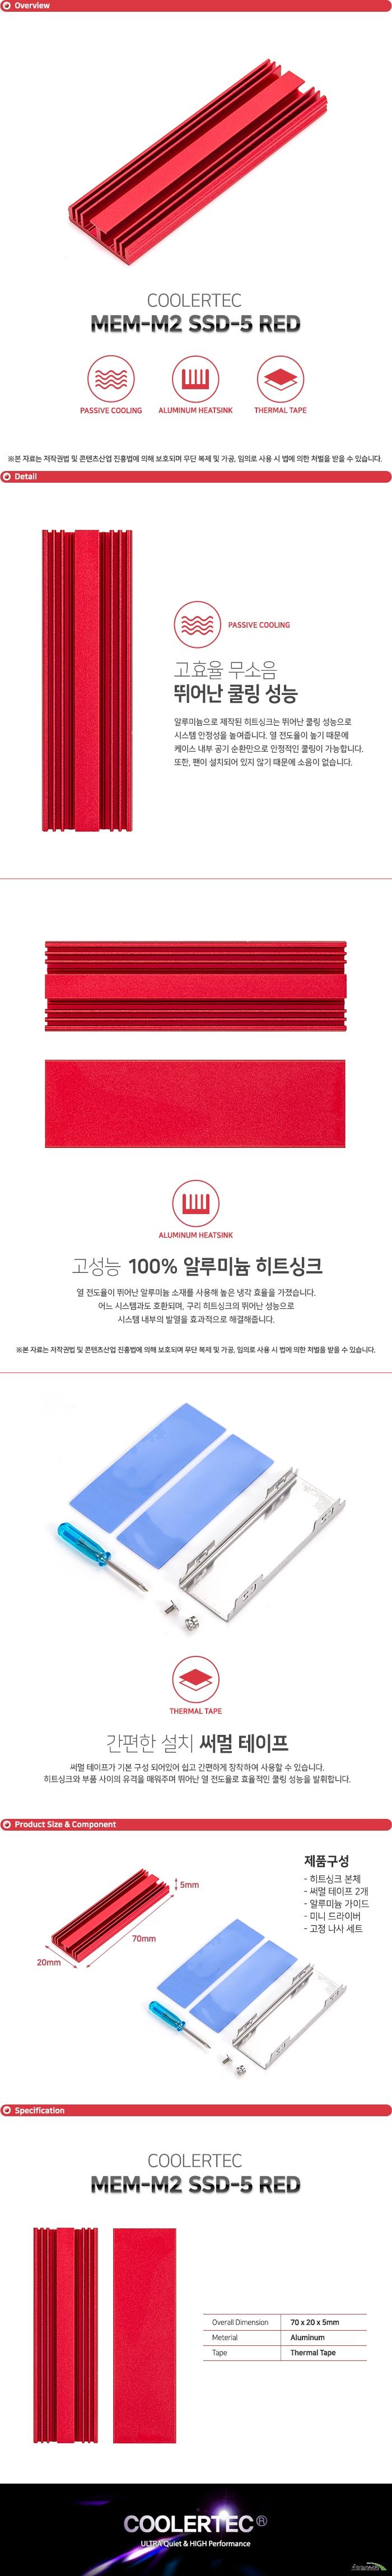 COOLERTEC MEM-M2 SSD-5 RED